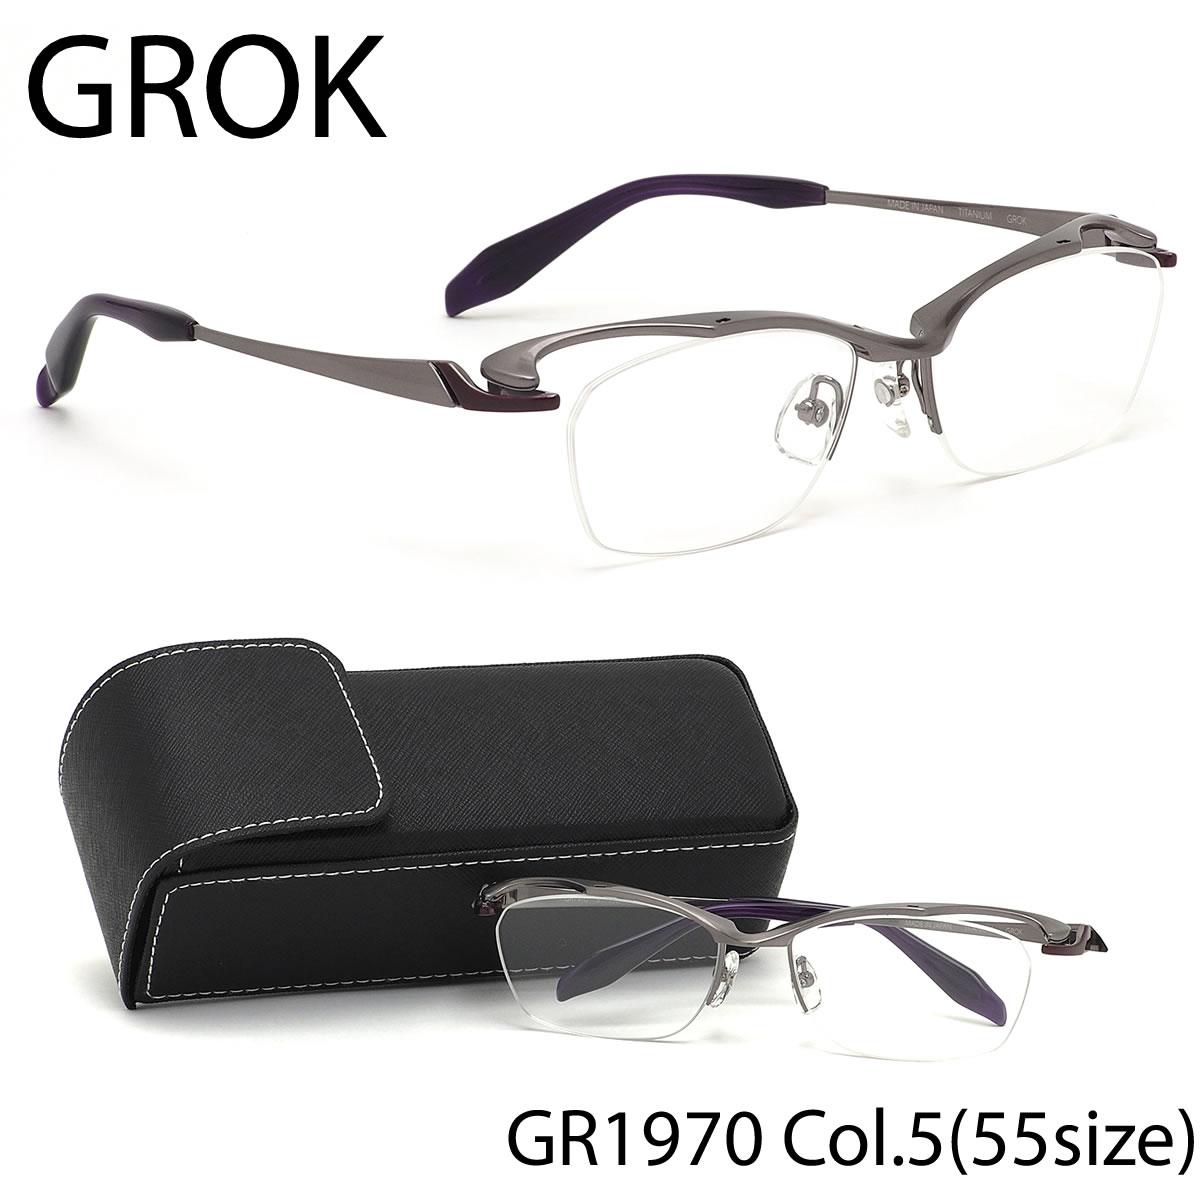 ほぼ全品ポイント15倍~最大43倍+3倍!お得なクーポンも! グロック GROK メガネGR1970 5 55サイズアミパリ 日本製 軽量 堅牢 グロック GROK 伊達メガネレンズ無料 メンズ レディース